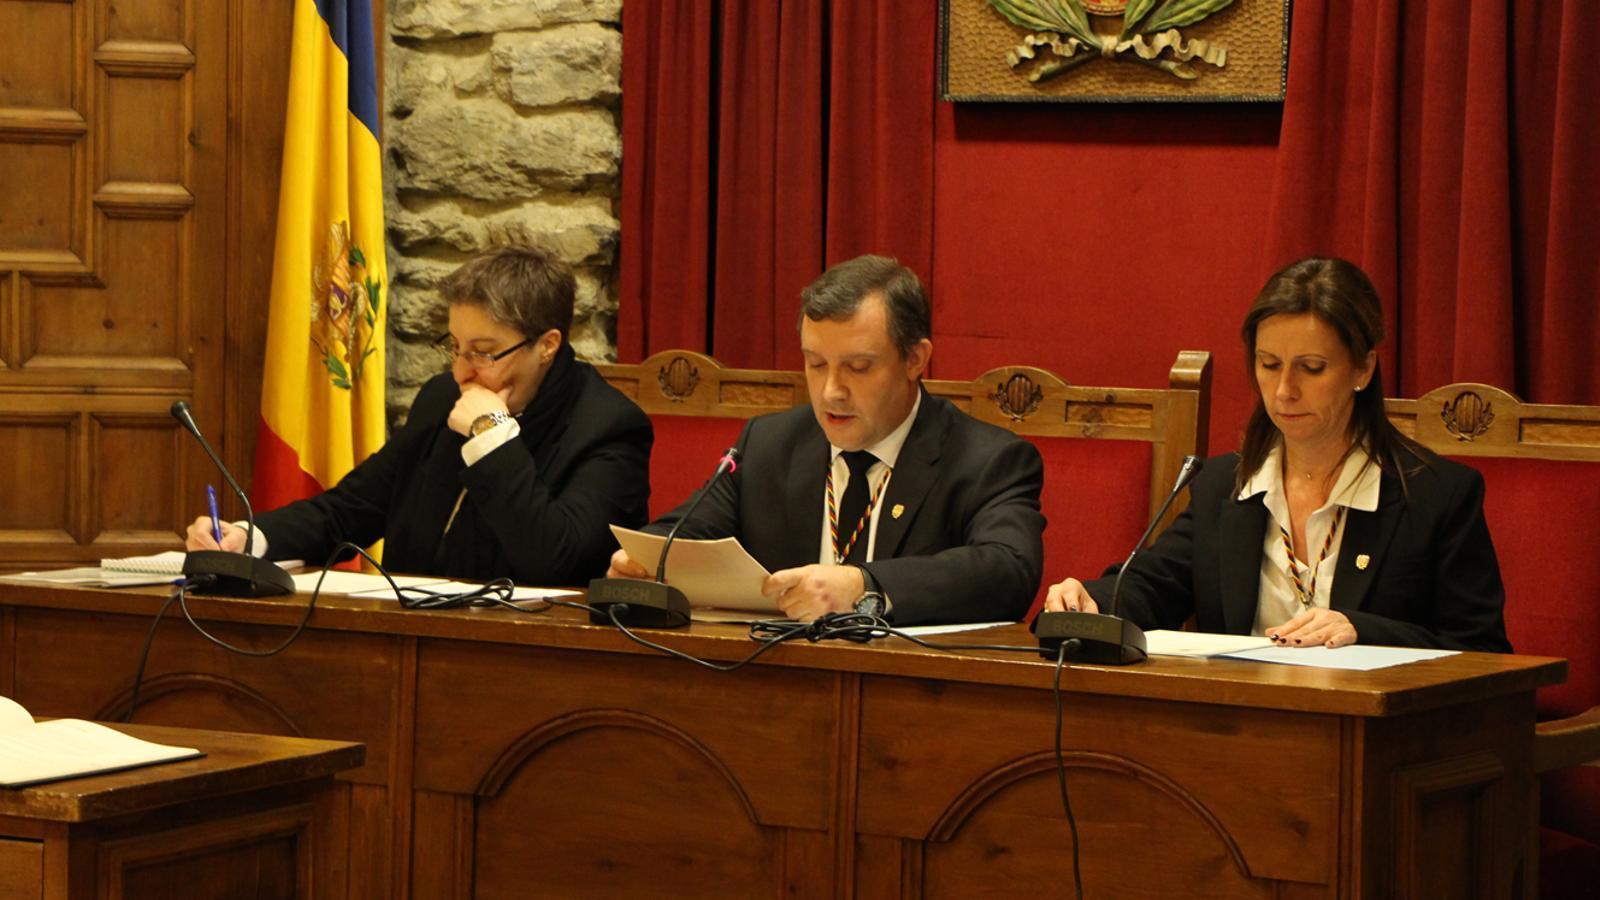 Un moment de la sessió de consell de comú celebrada aquest dijous a Sant Julià. / M. P. (ANA)